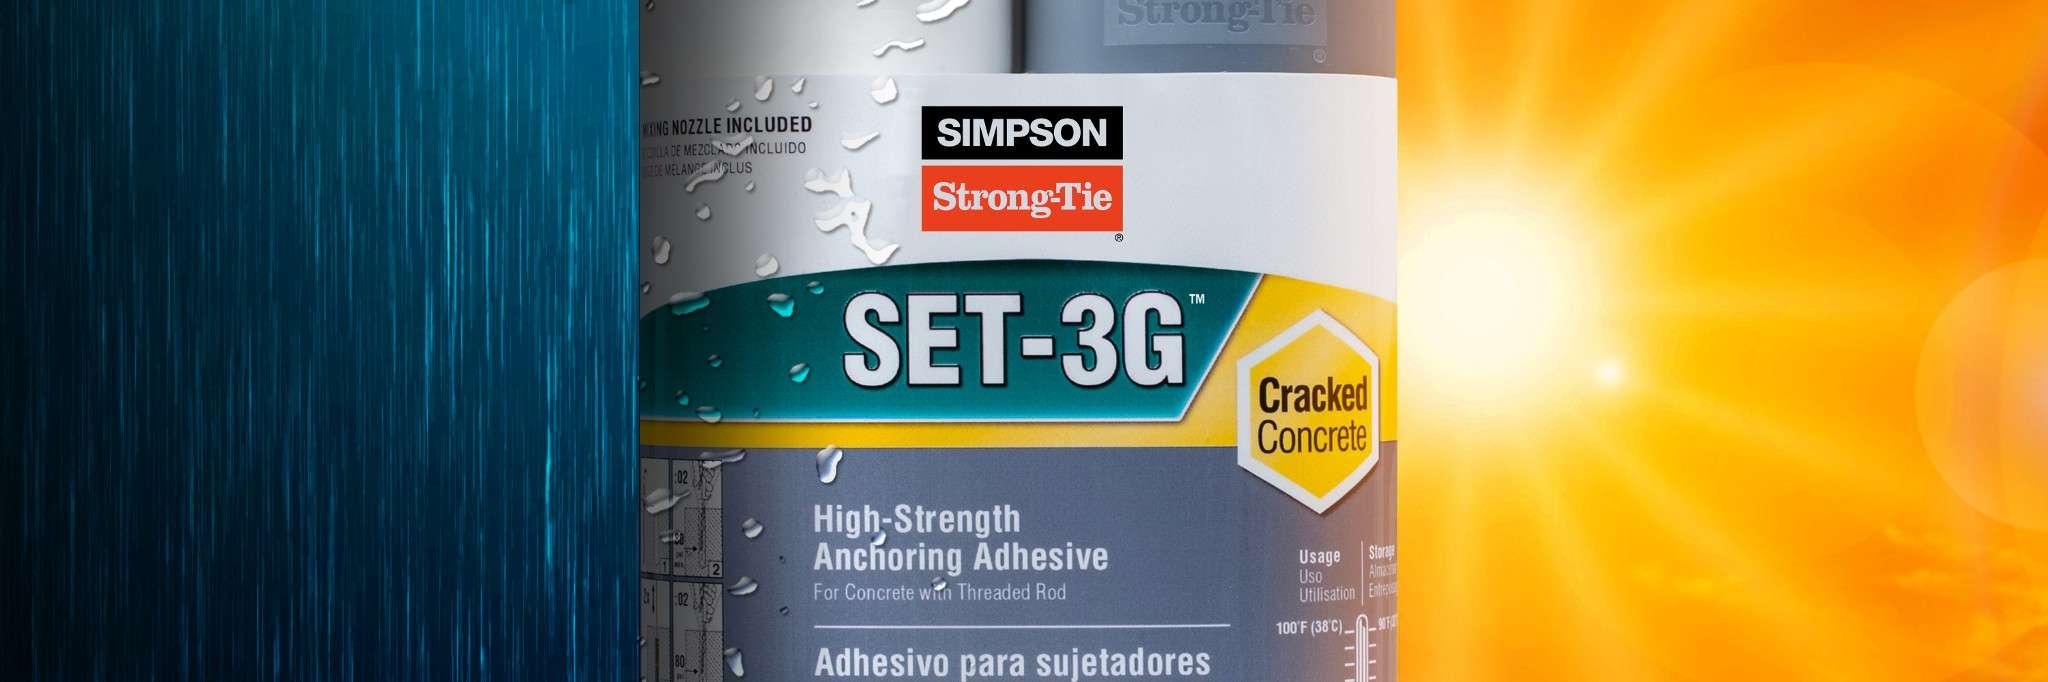 SET-3G